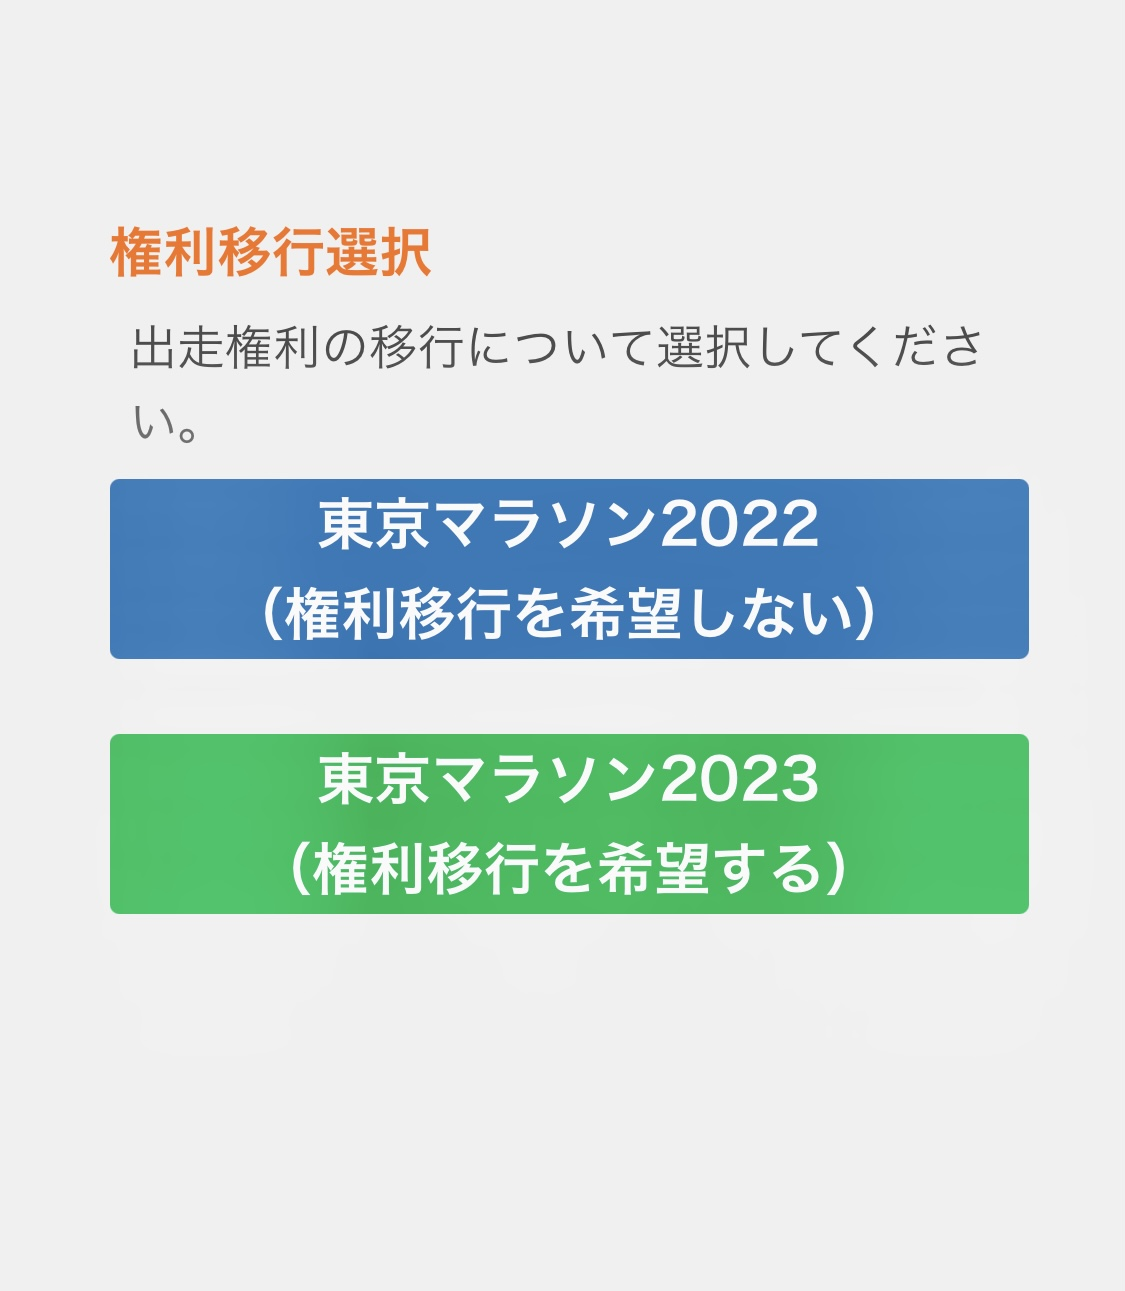 東京マラソンがさらに権利移行を延長措置(2022から2023へ)